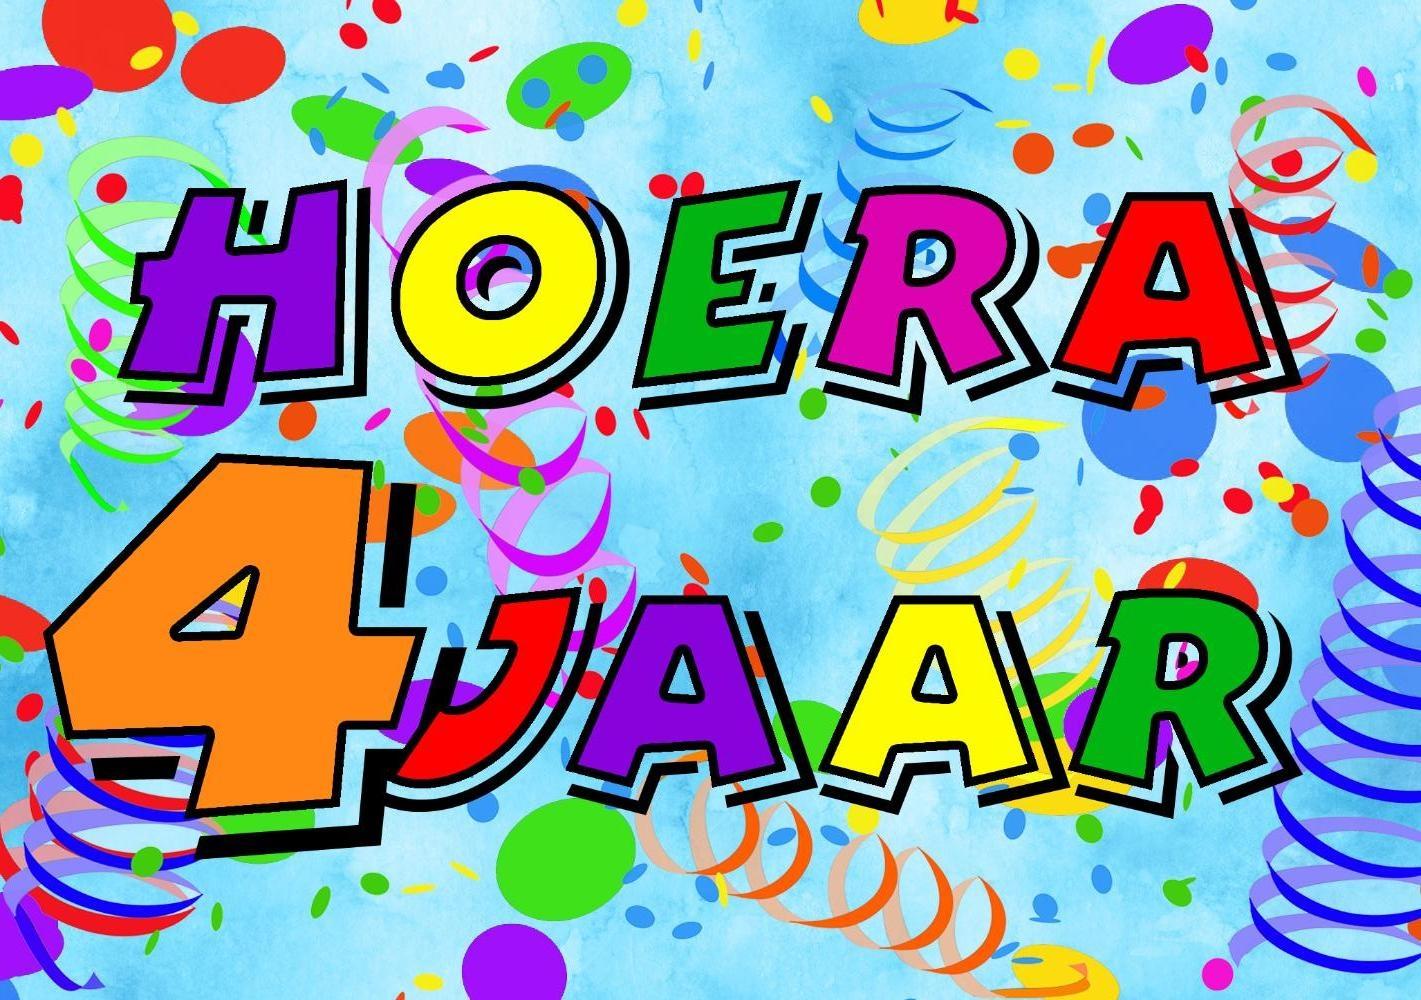 4 jaar verjaardag Verjaardagskaart kind: Hoera 4 jaar!   Kaartjeposten.nl 4 jaar verjaardag